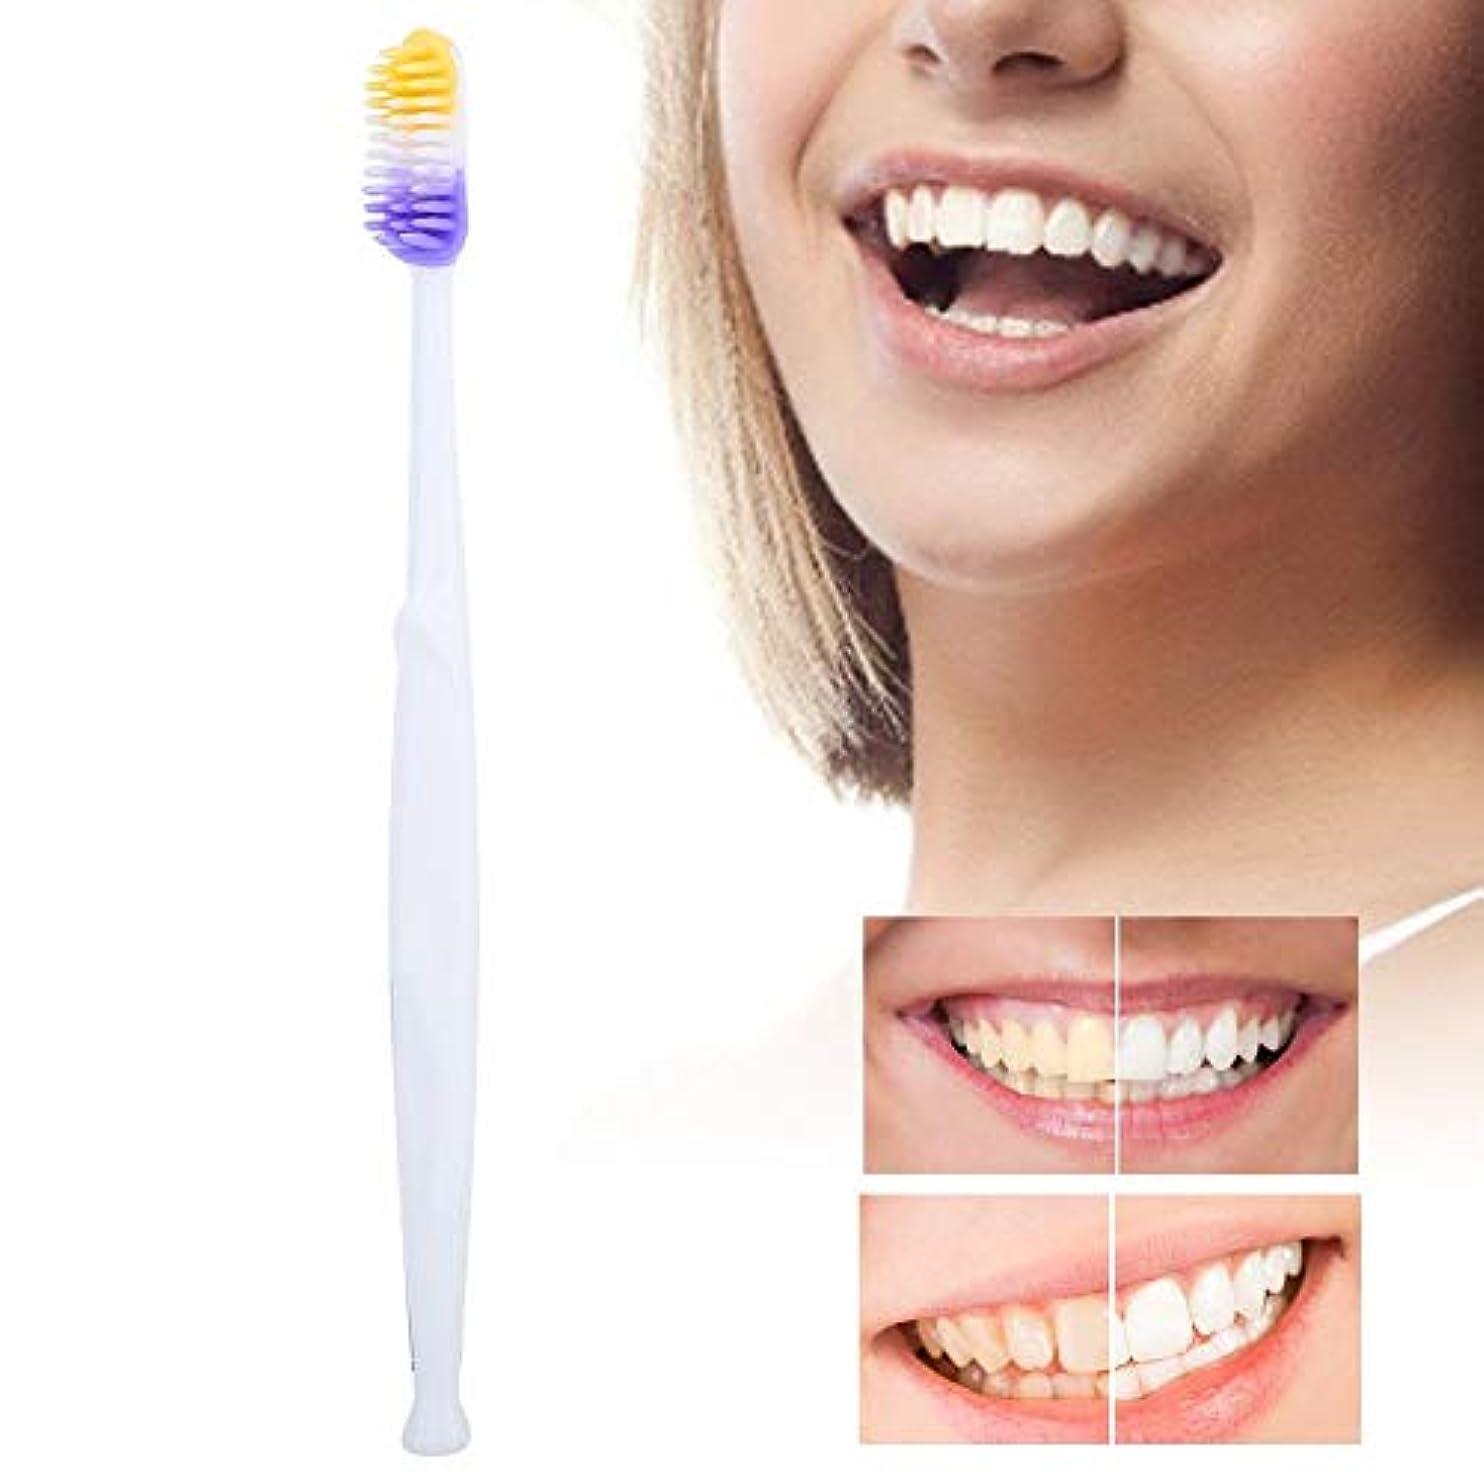 宝図不振歯ブラシ、妊娠中の産後の女性のオーラルケア用具のためのシリコーンの柔らかい毛の歯ブラシのクリーニングの歯ブラシ